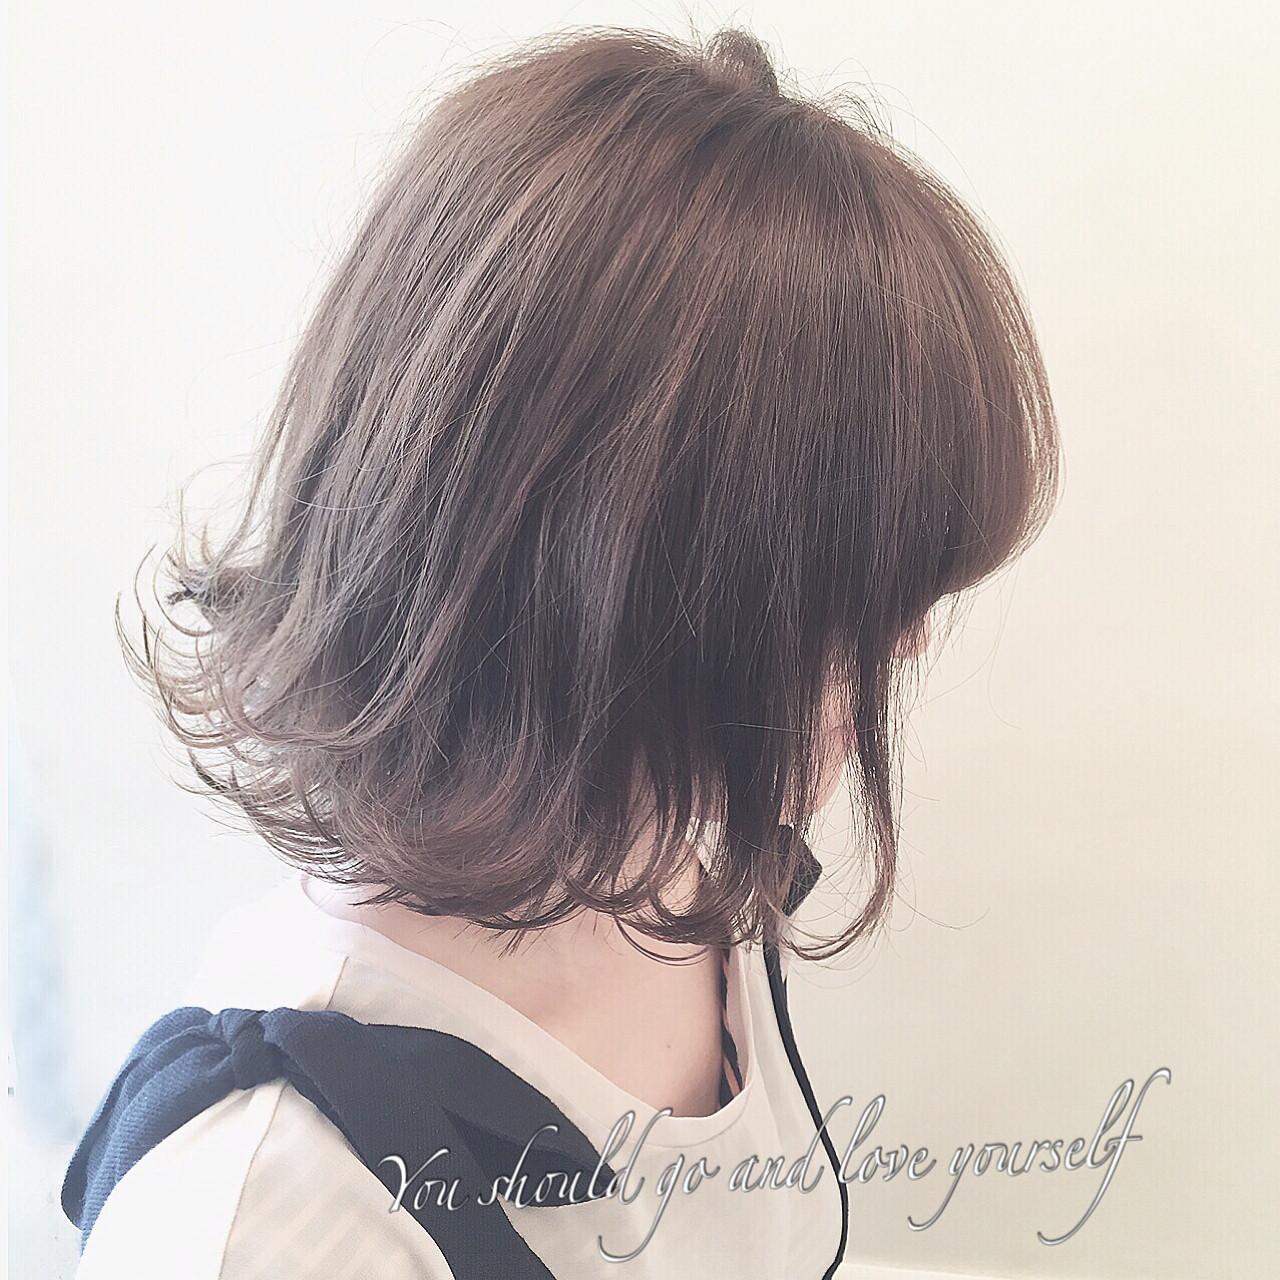 ズルいくらいに可愛いの♡ボブ×外ハネに「+○○」で最上級の私に。 落合 健二 / hair ales